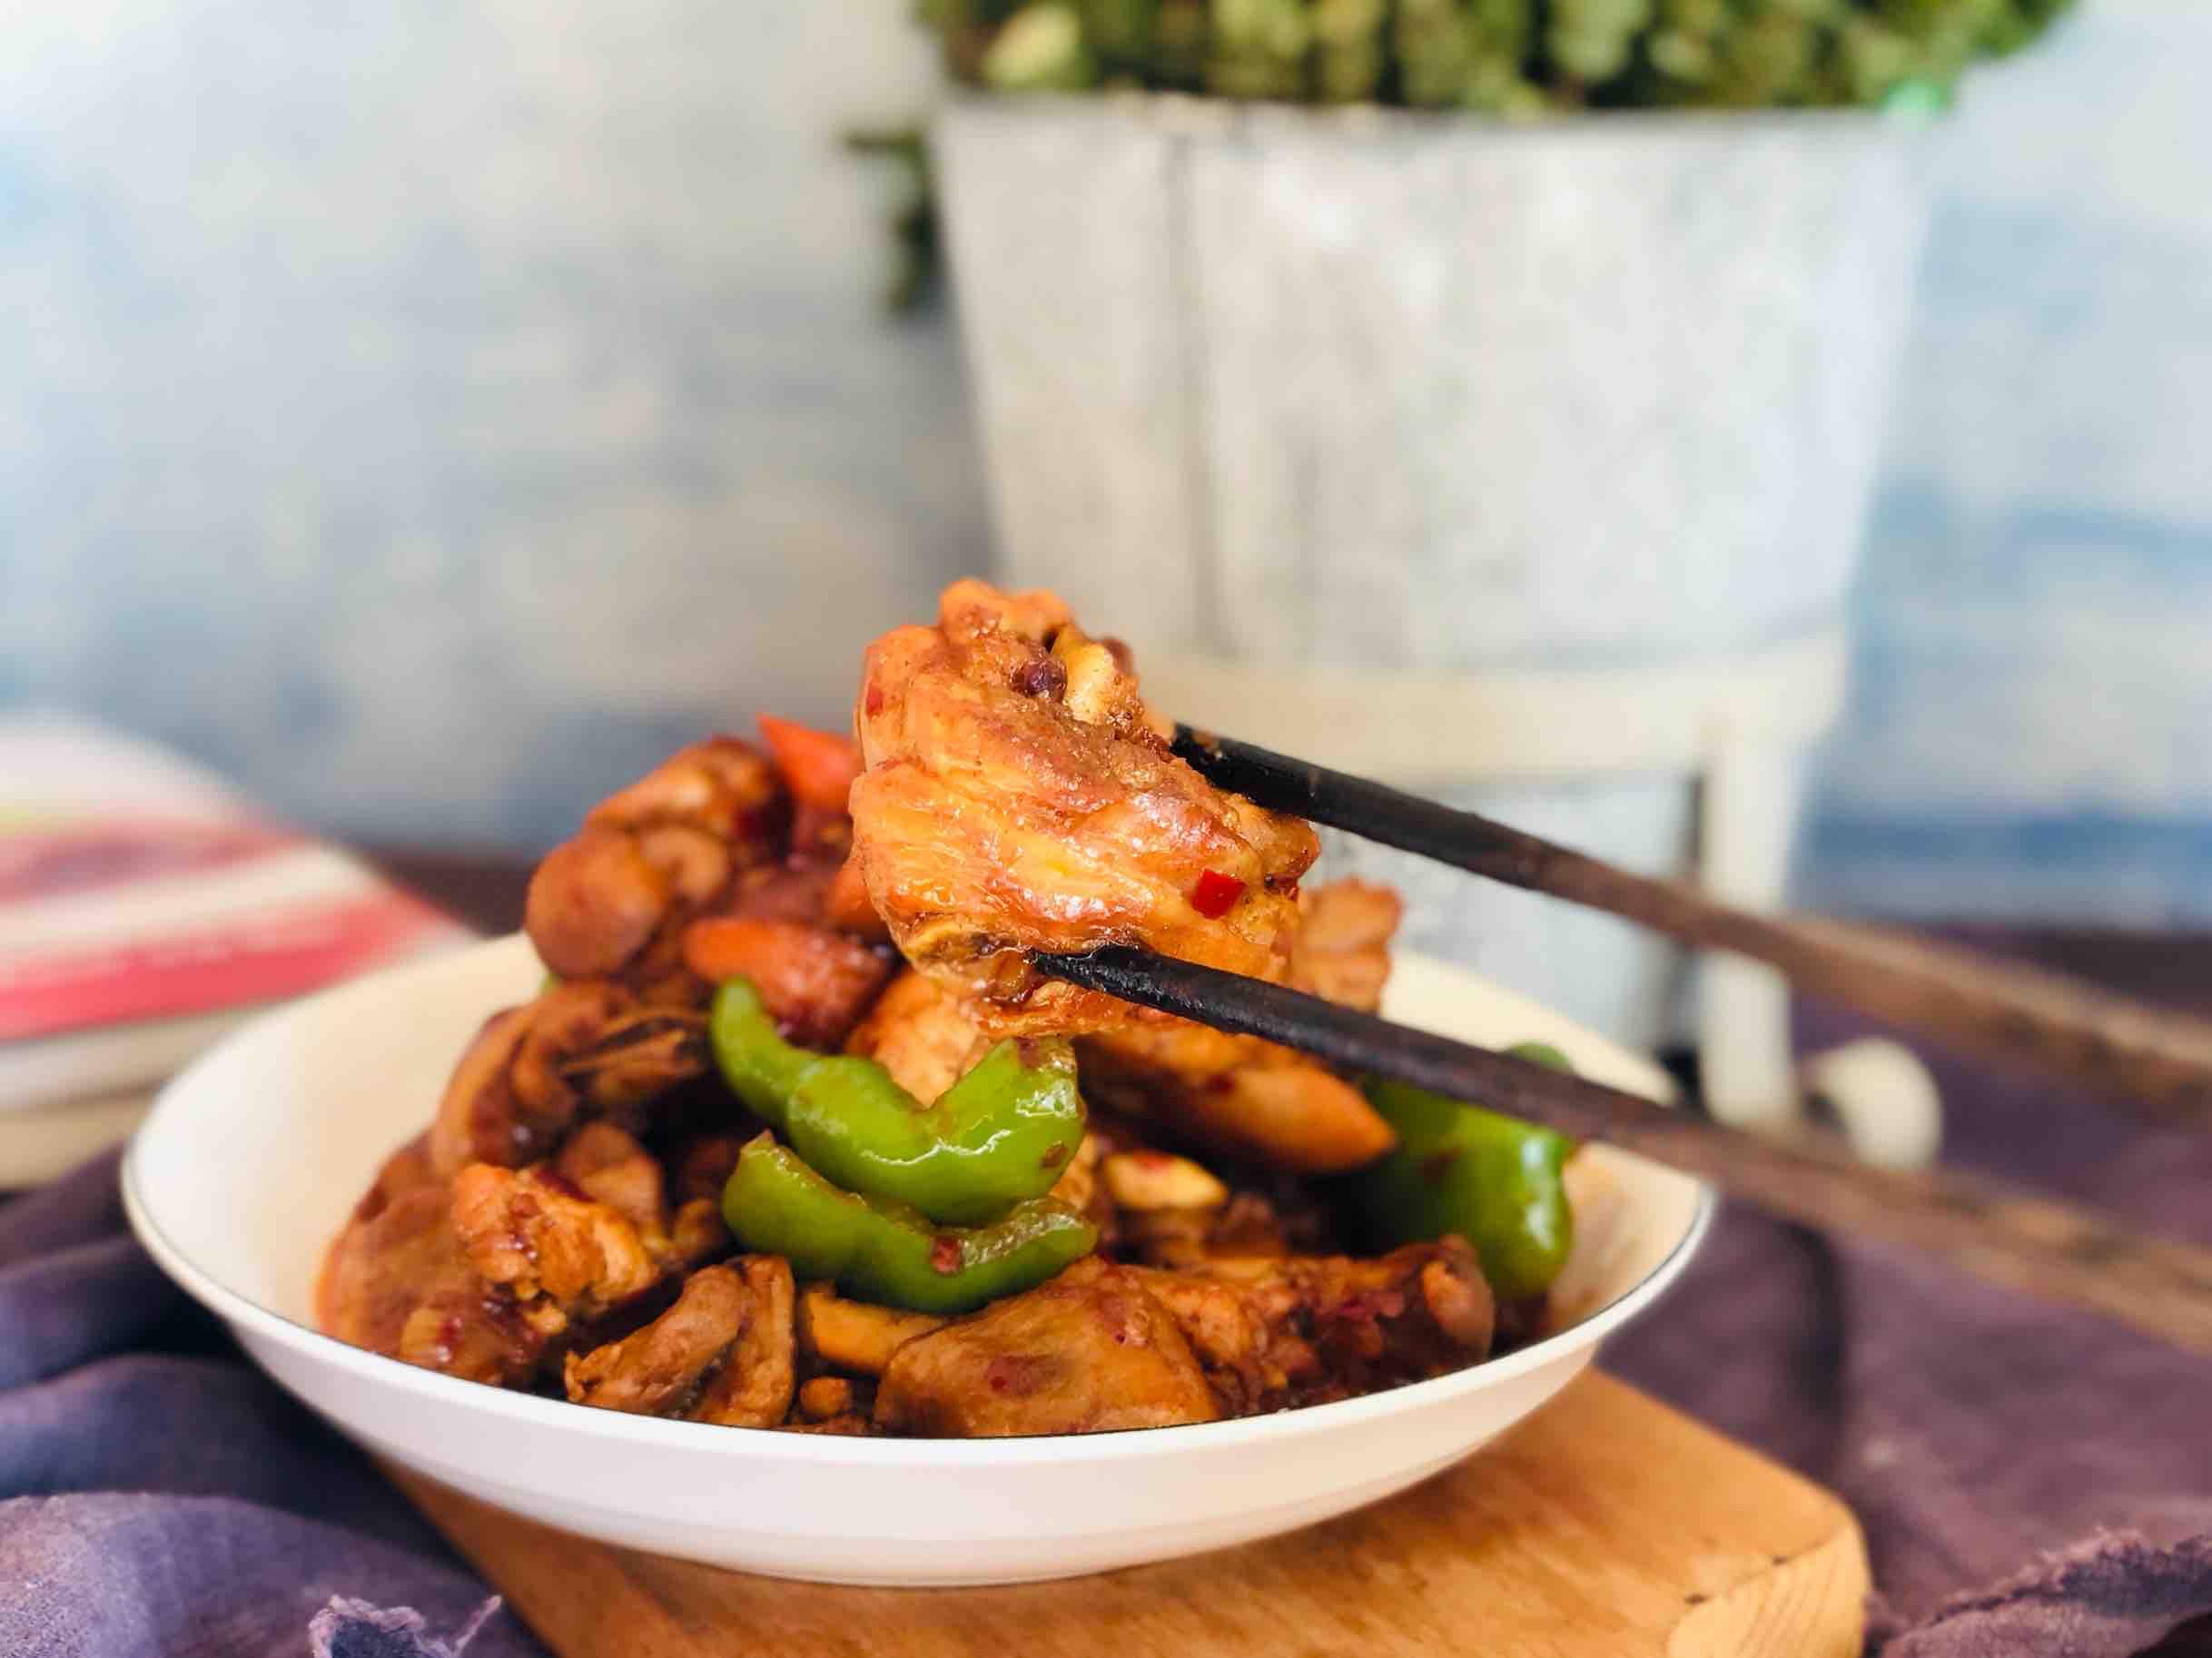 火锅鸡的家常做法,香辣过瘾简单易做,配米饭太下饭啦怎样煮